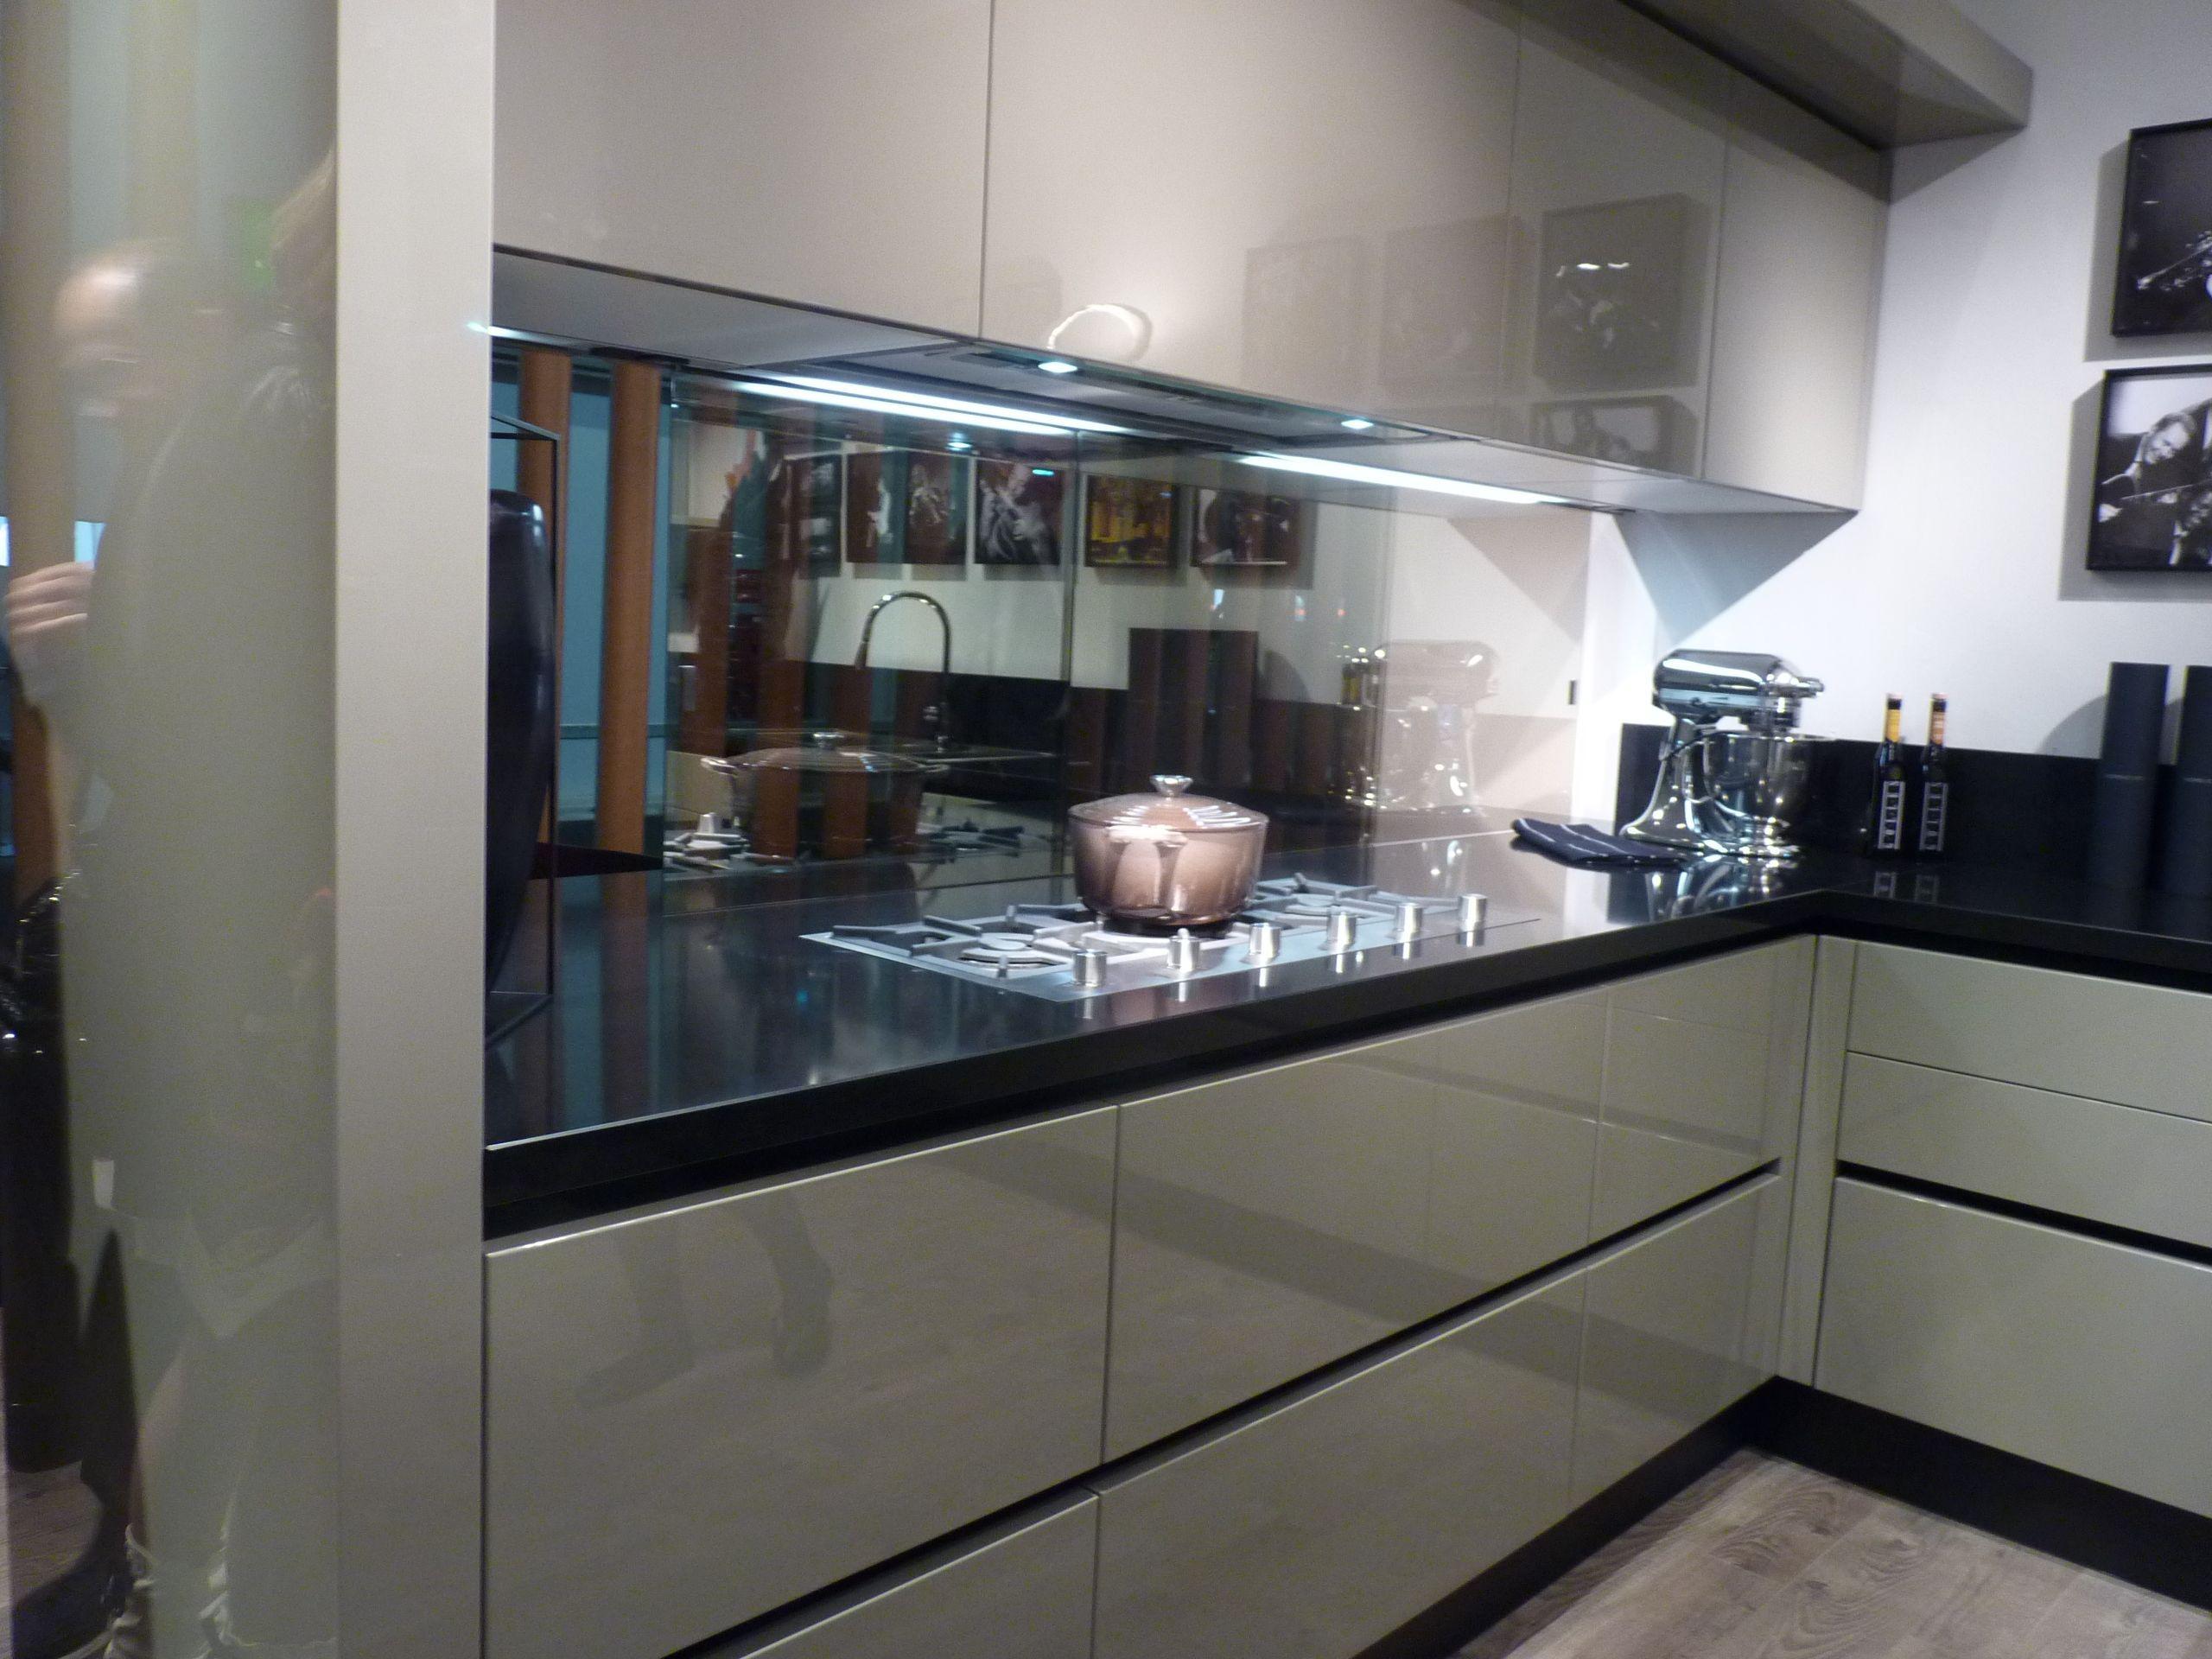 Cocina en laca brillo con encimera negra | Cozinha | Pinterest ...